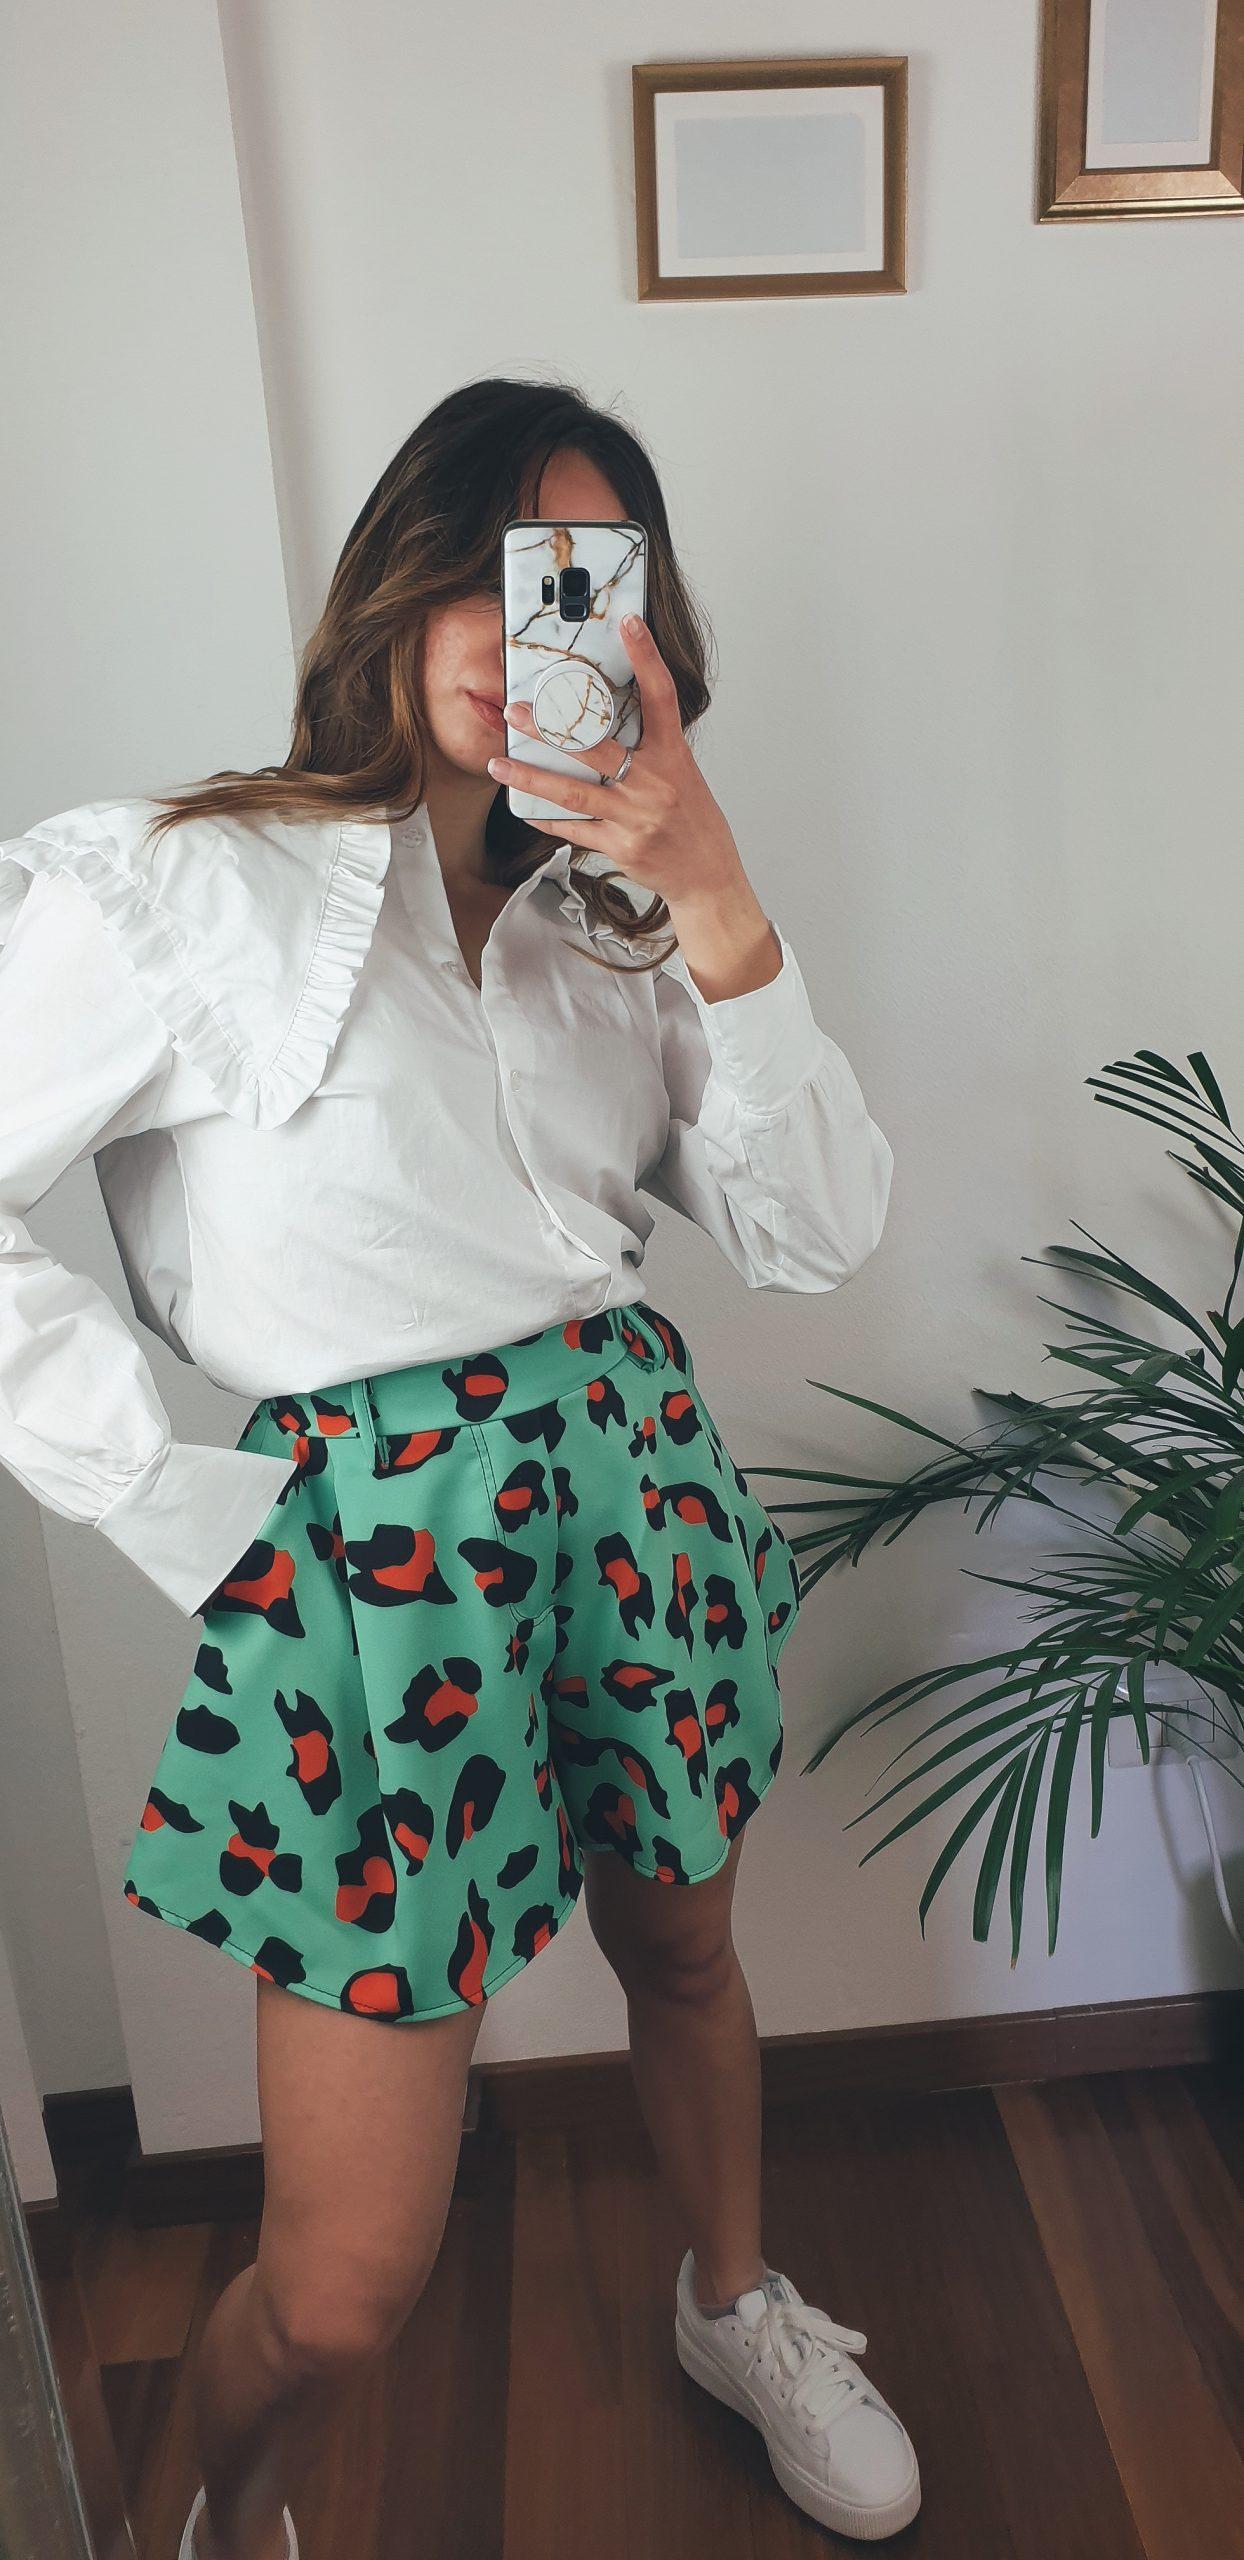 nastistyle-shoponline-abbigliamentodonna-short-maculato-pantaloncino-shortarancione-pantaloncinoarancione-arancione-leopardato-camiciabianca-outfit-madeinitaly-fashion-verde